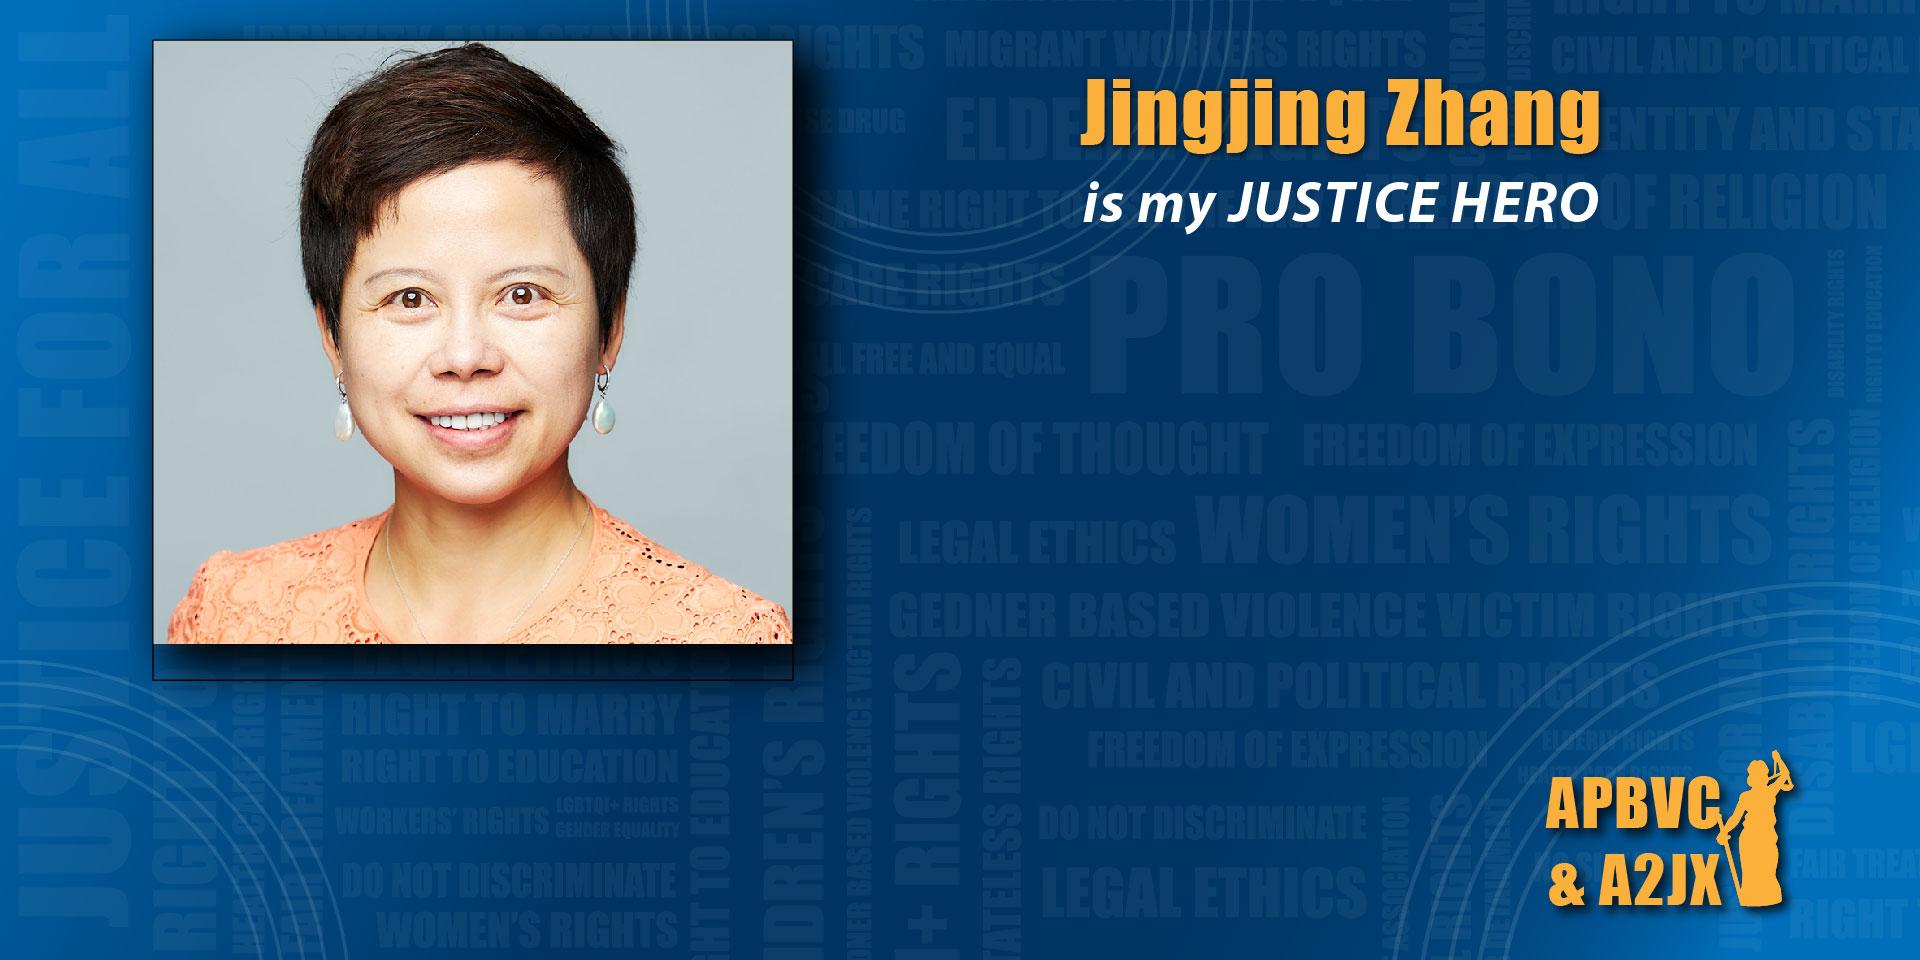 Jingjing Zhang